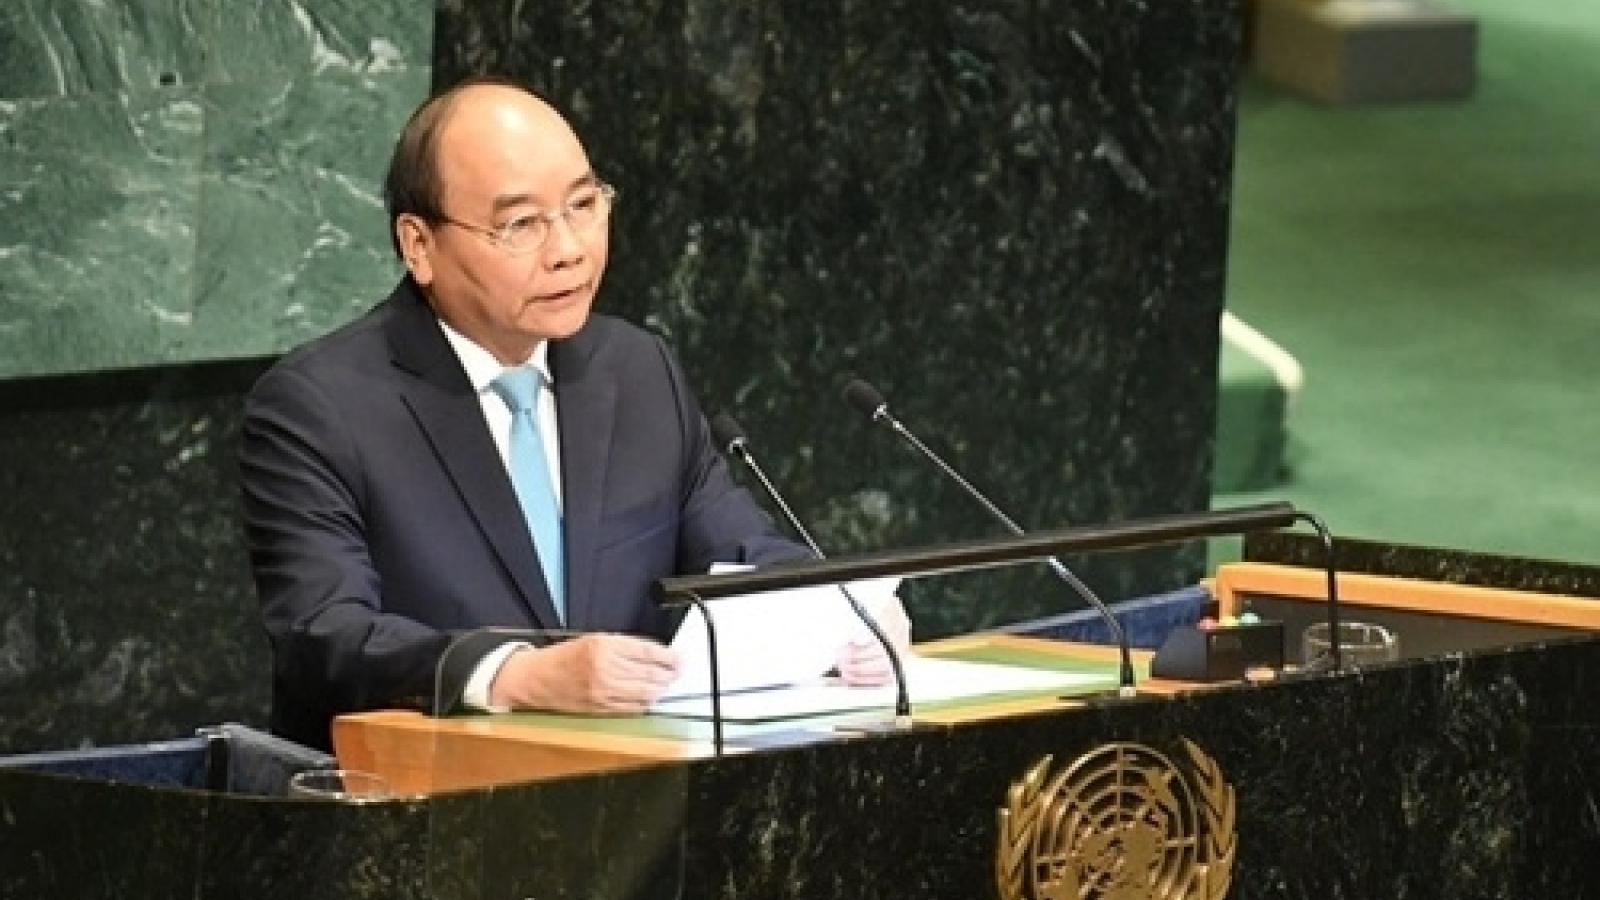 Toàn văn phát biểu của Thủ tướngtại phiên họp Cấp cao ĐHĐLHQ kỷ niệm 75 năm thành lập